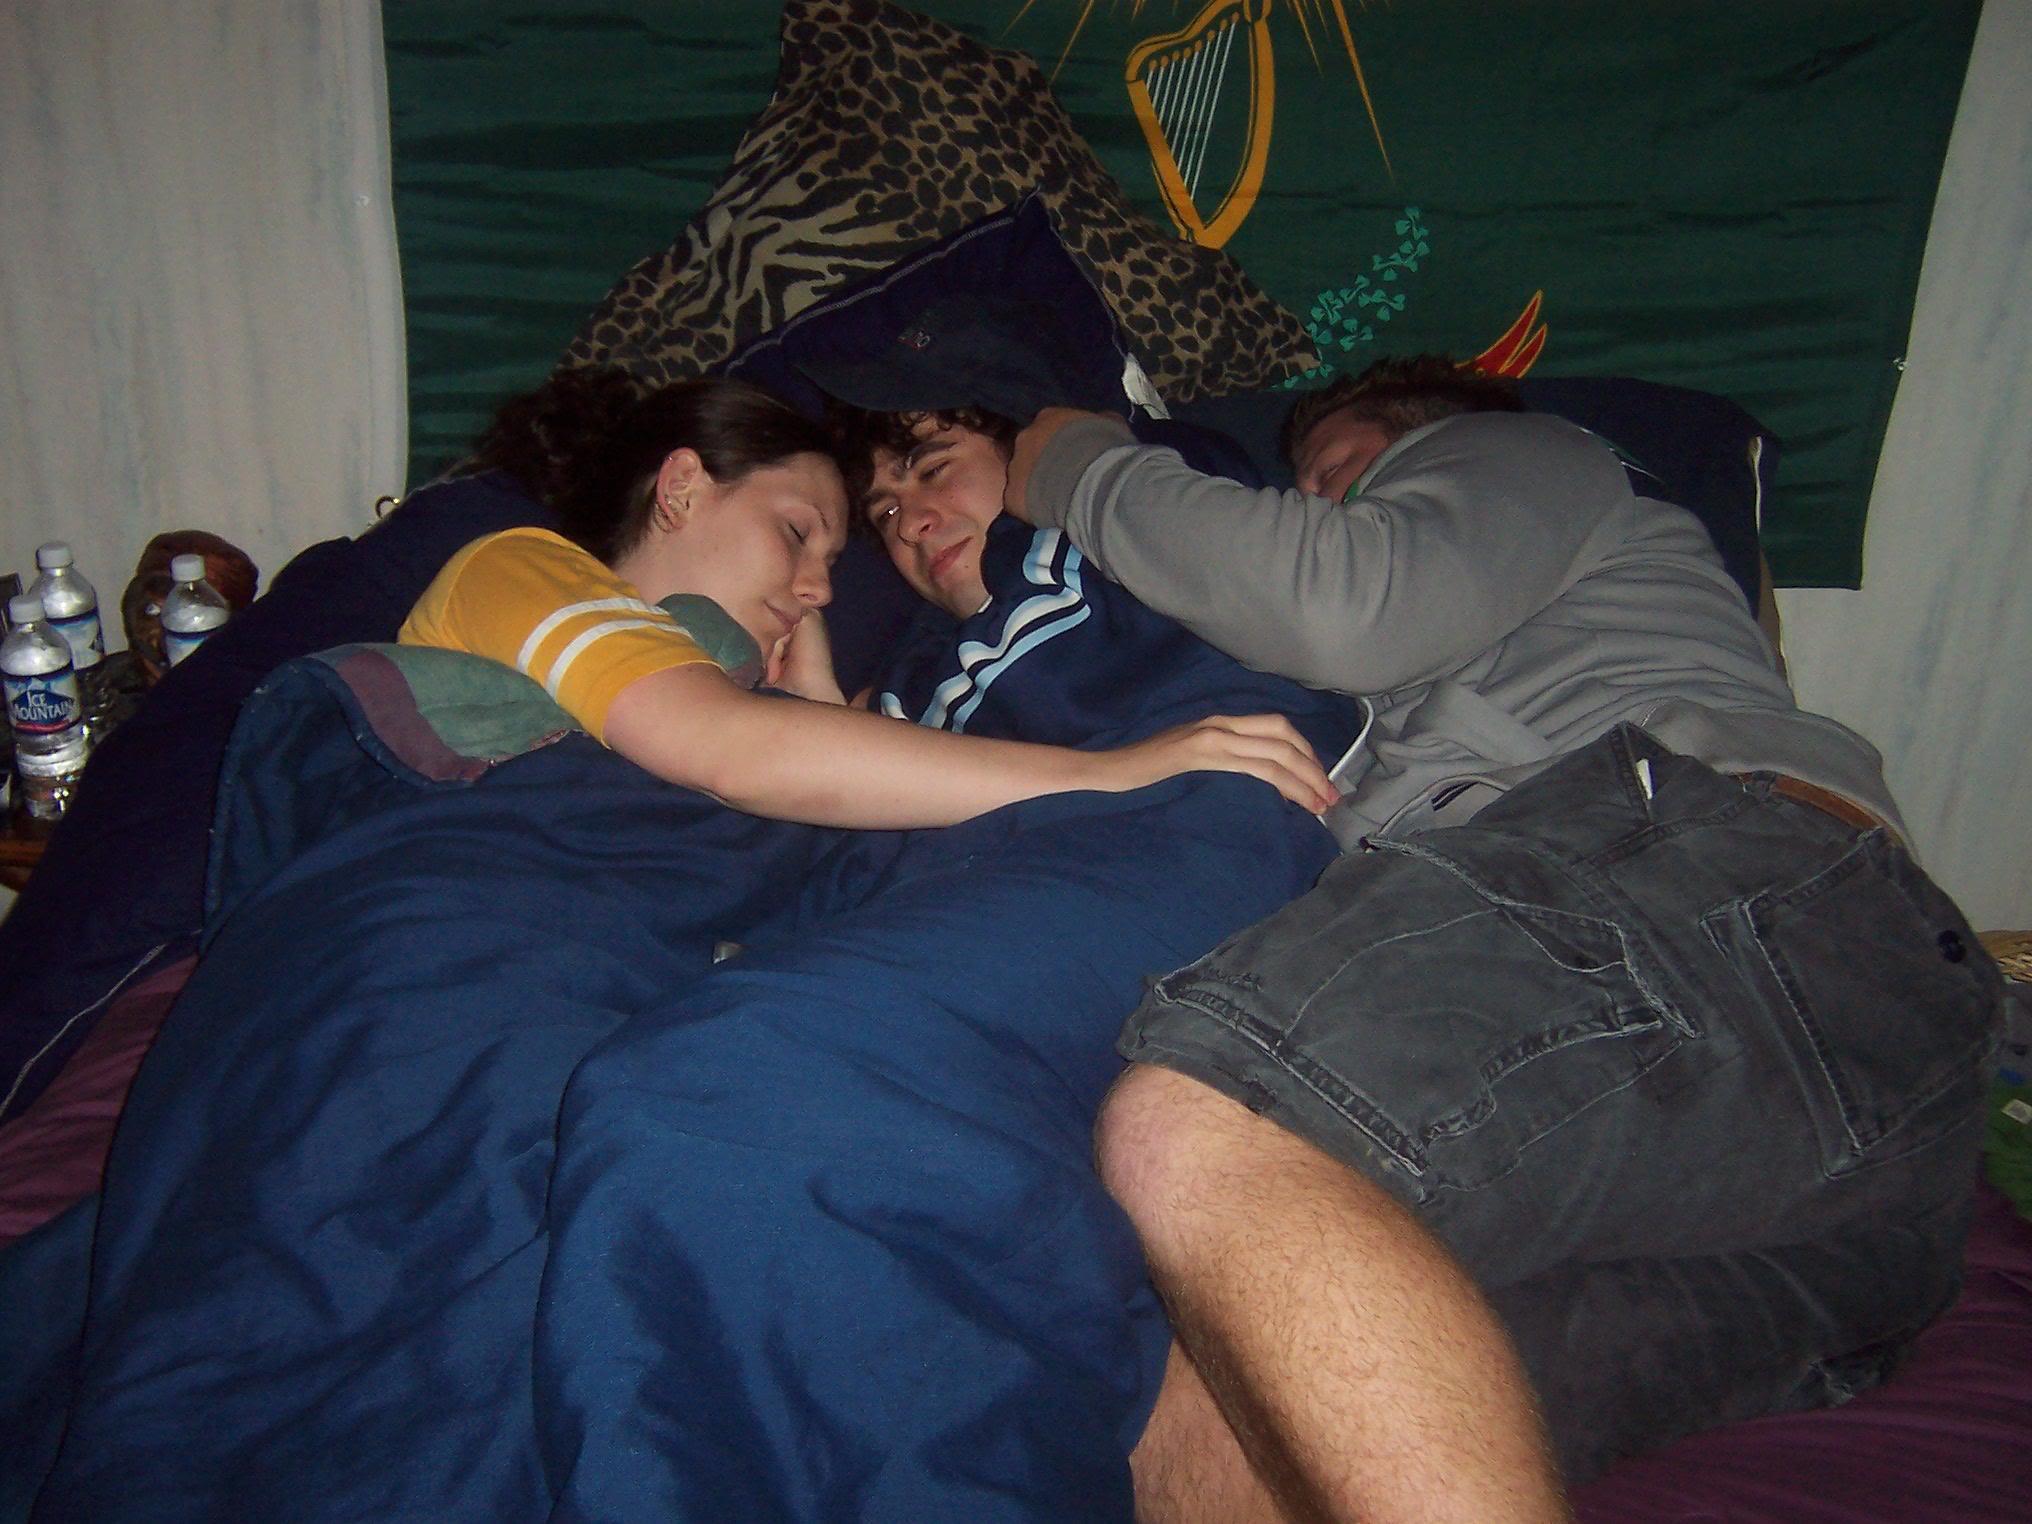 Cuddle party abbracciarsi e fare sesso con sconosciuti - Fare sesso nel letto ...